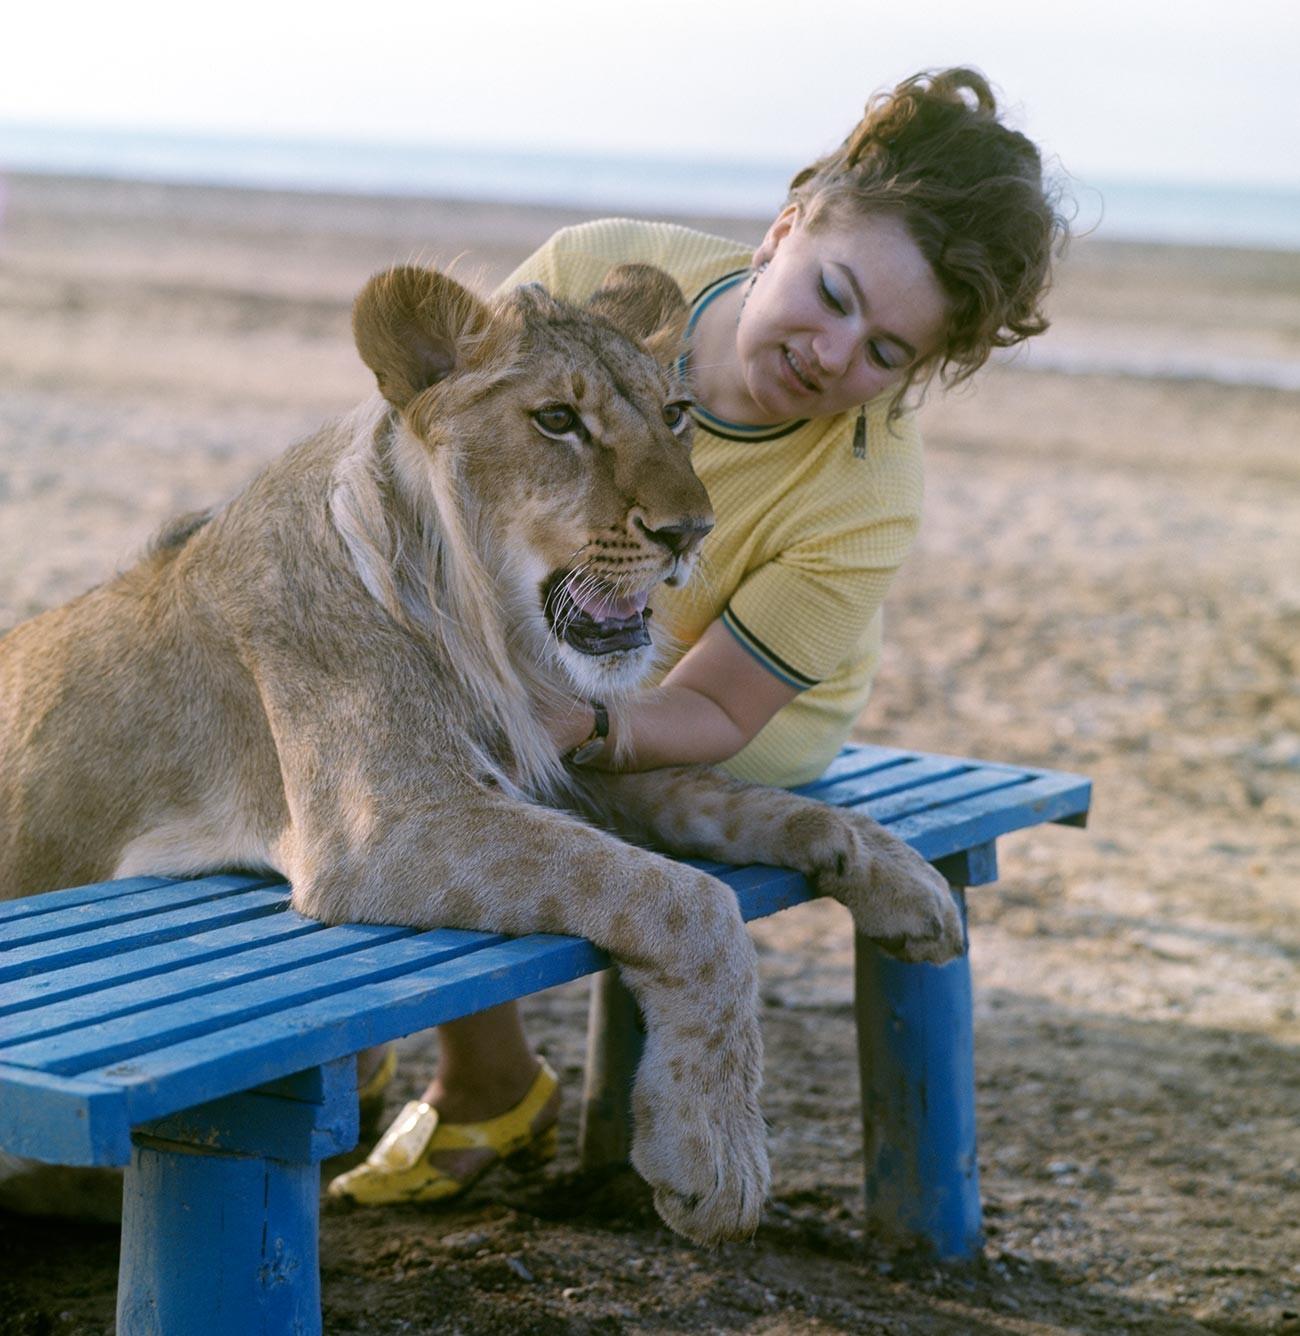 Nina Berberowa auf einem Spaziergang mit ihrem Löwen an der Küste des Kaspischen Meeres.